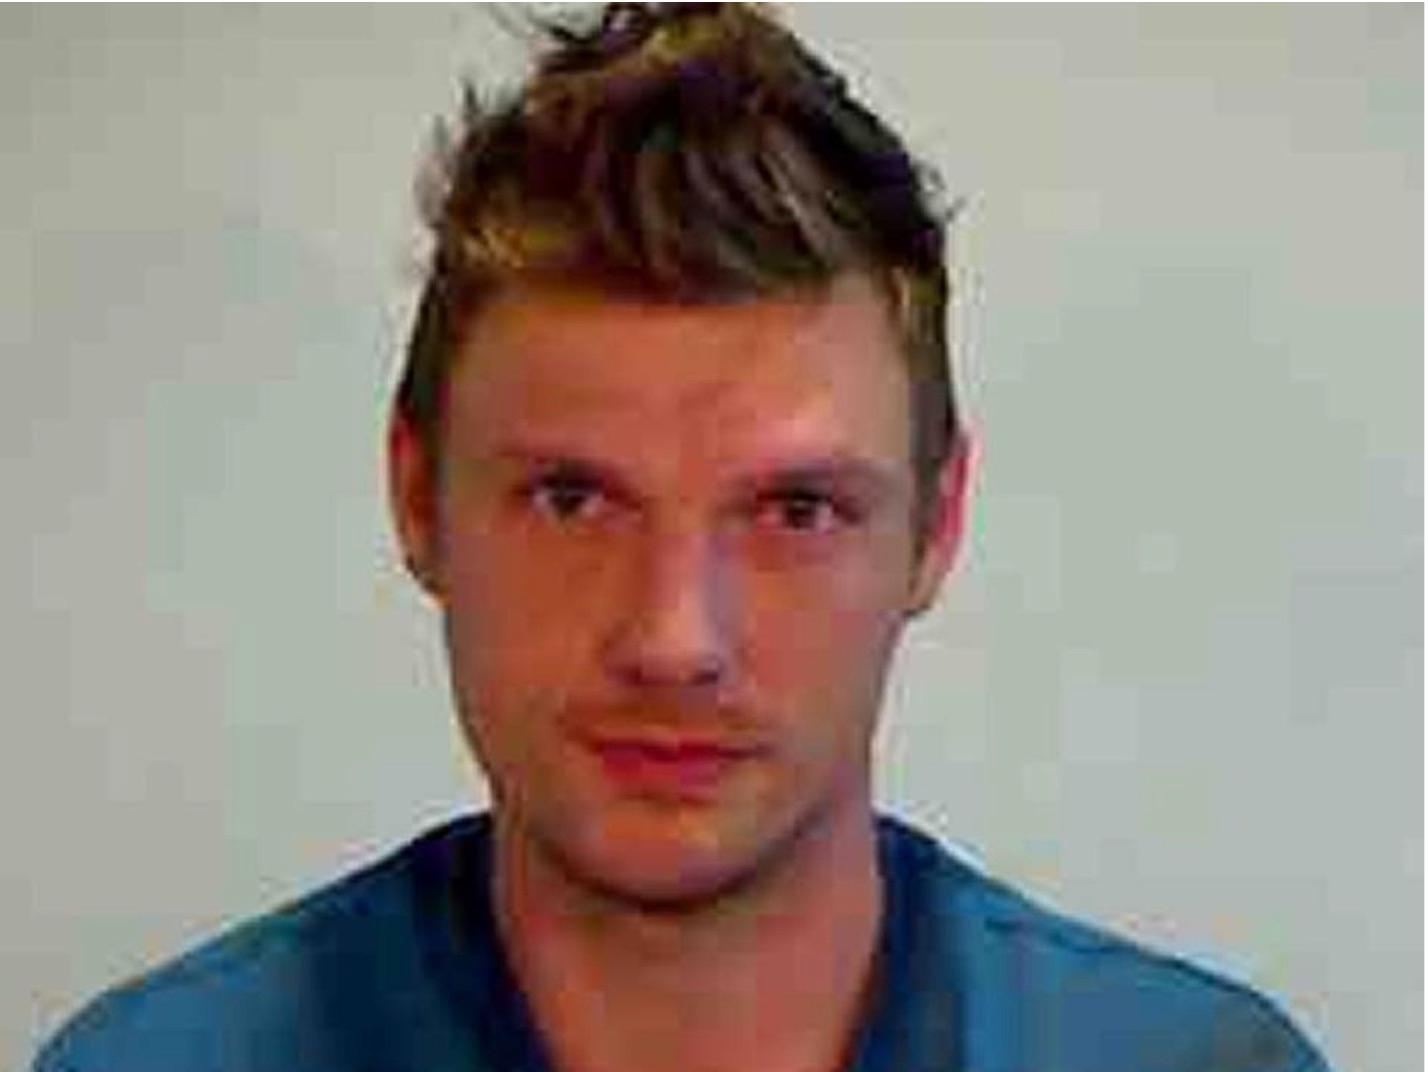 Nick Carter: Er äußert sich zu seiner Verhaftung